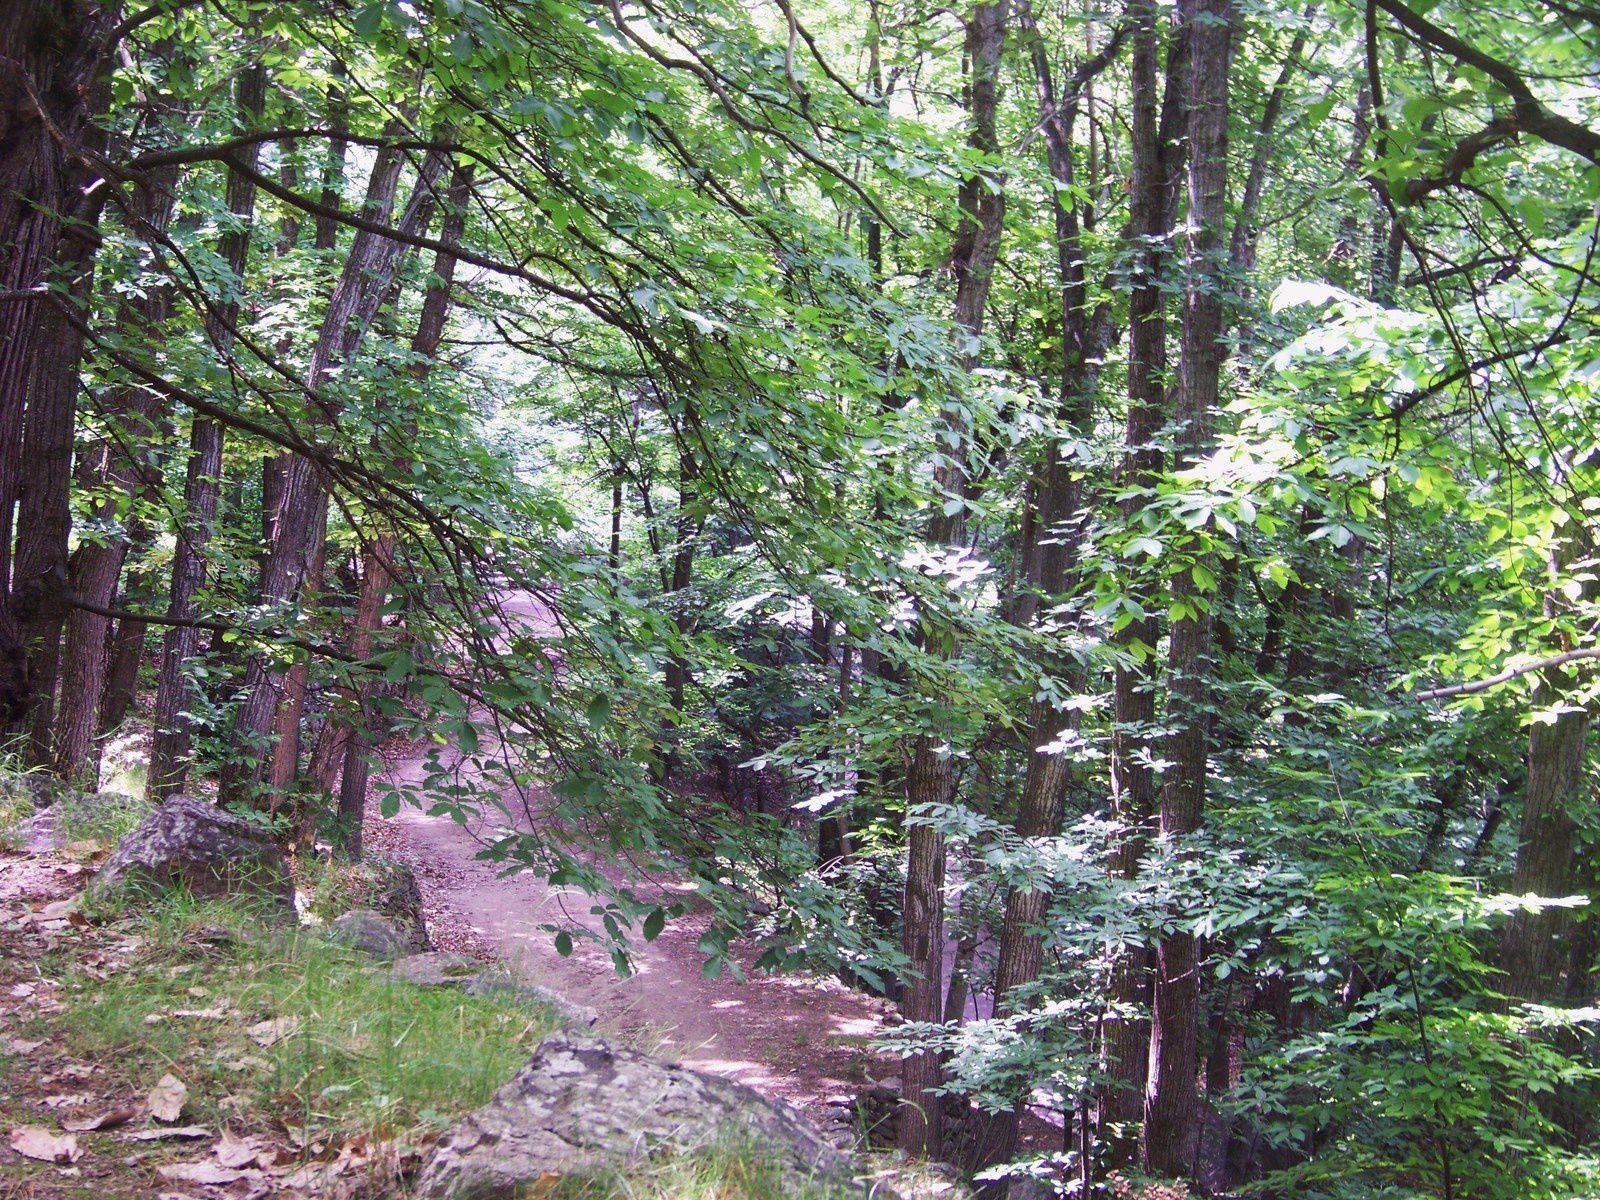 la montagne: la forêt, la vierge sur le chemin&#x3B; l'abbaye et ses dépendances&#x3B;dans l'abbaye une petite vierge toute seulette avec son ptiot, salut biquette